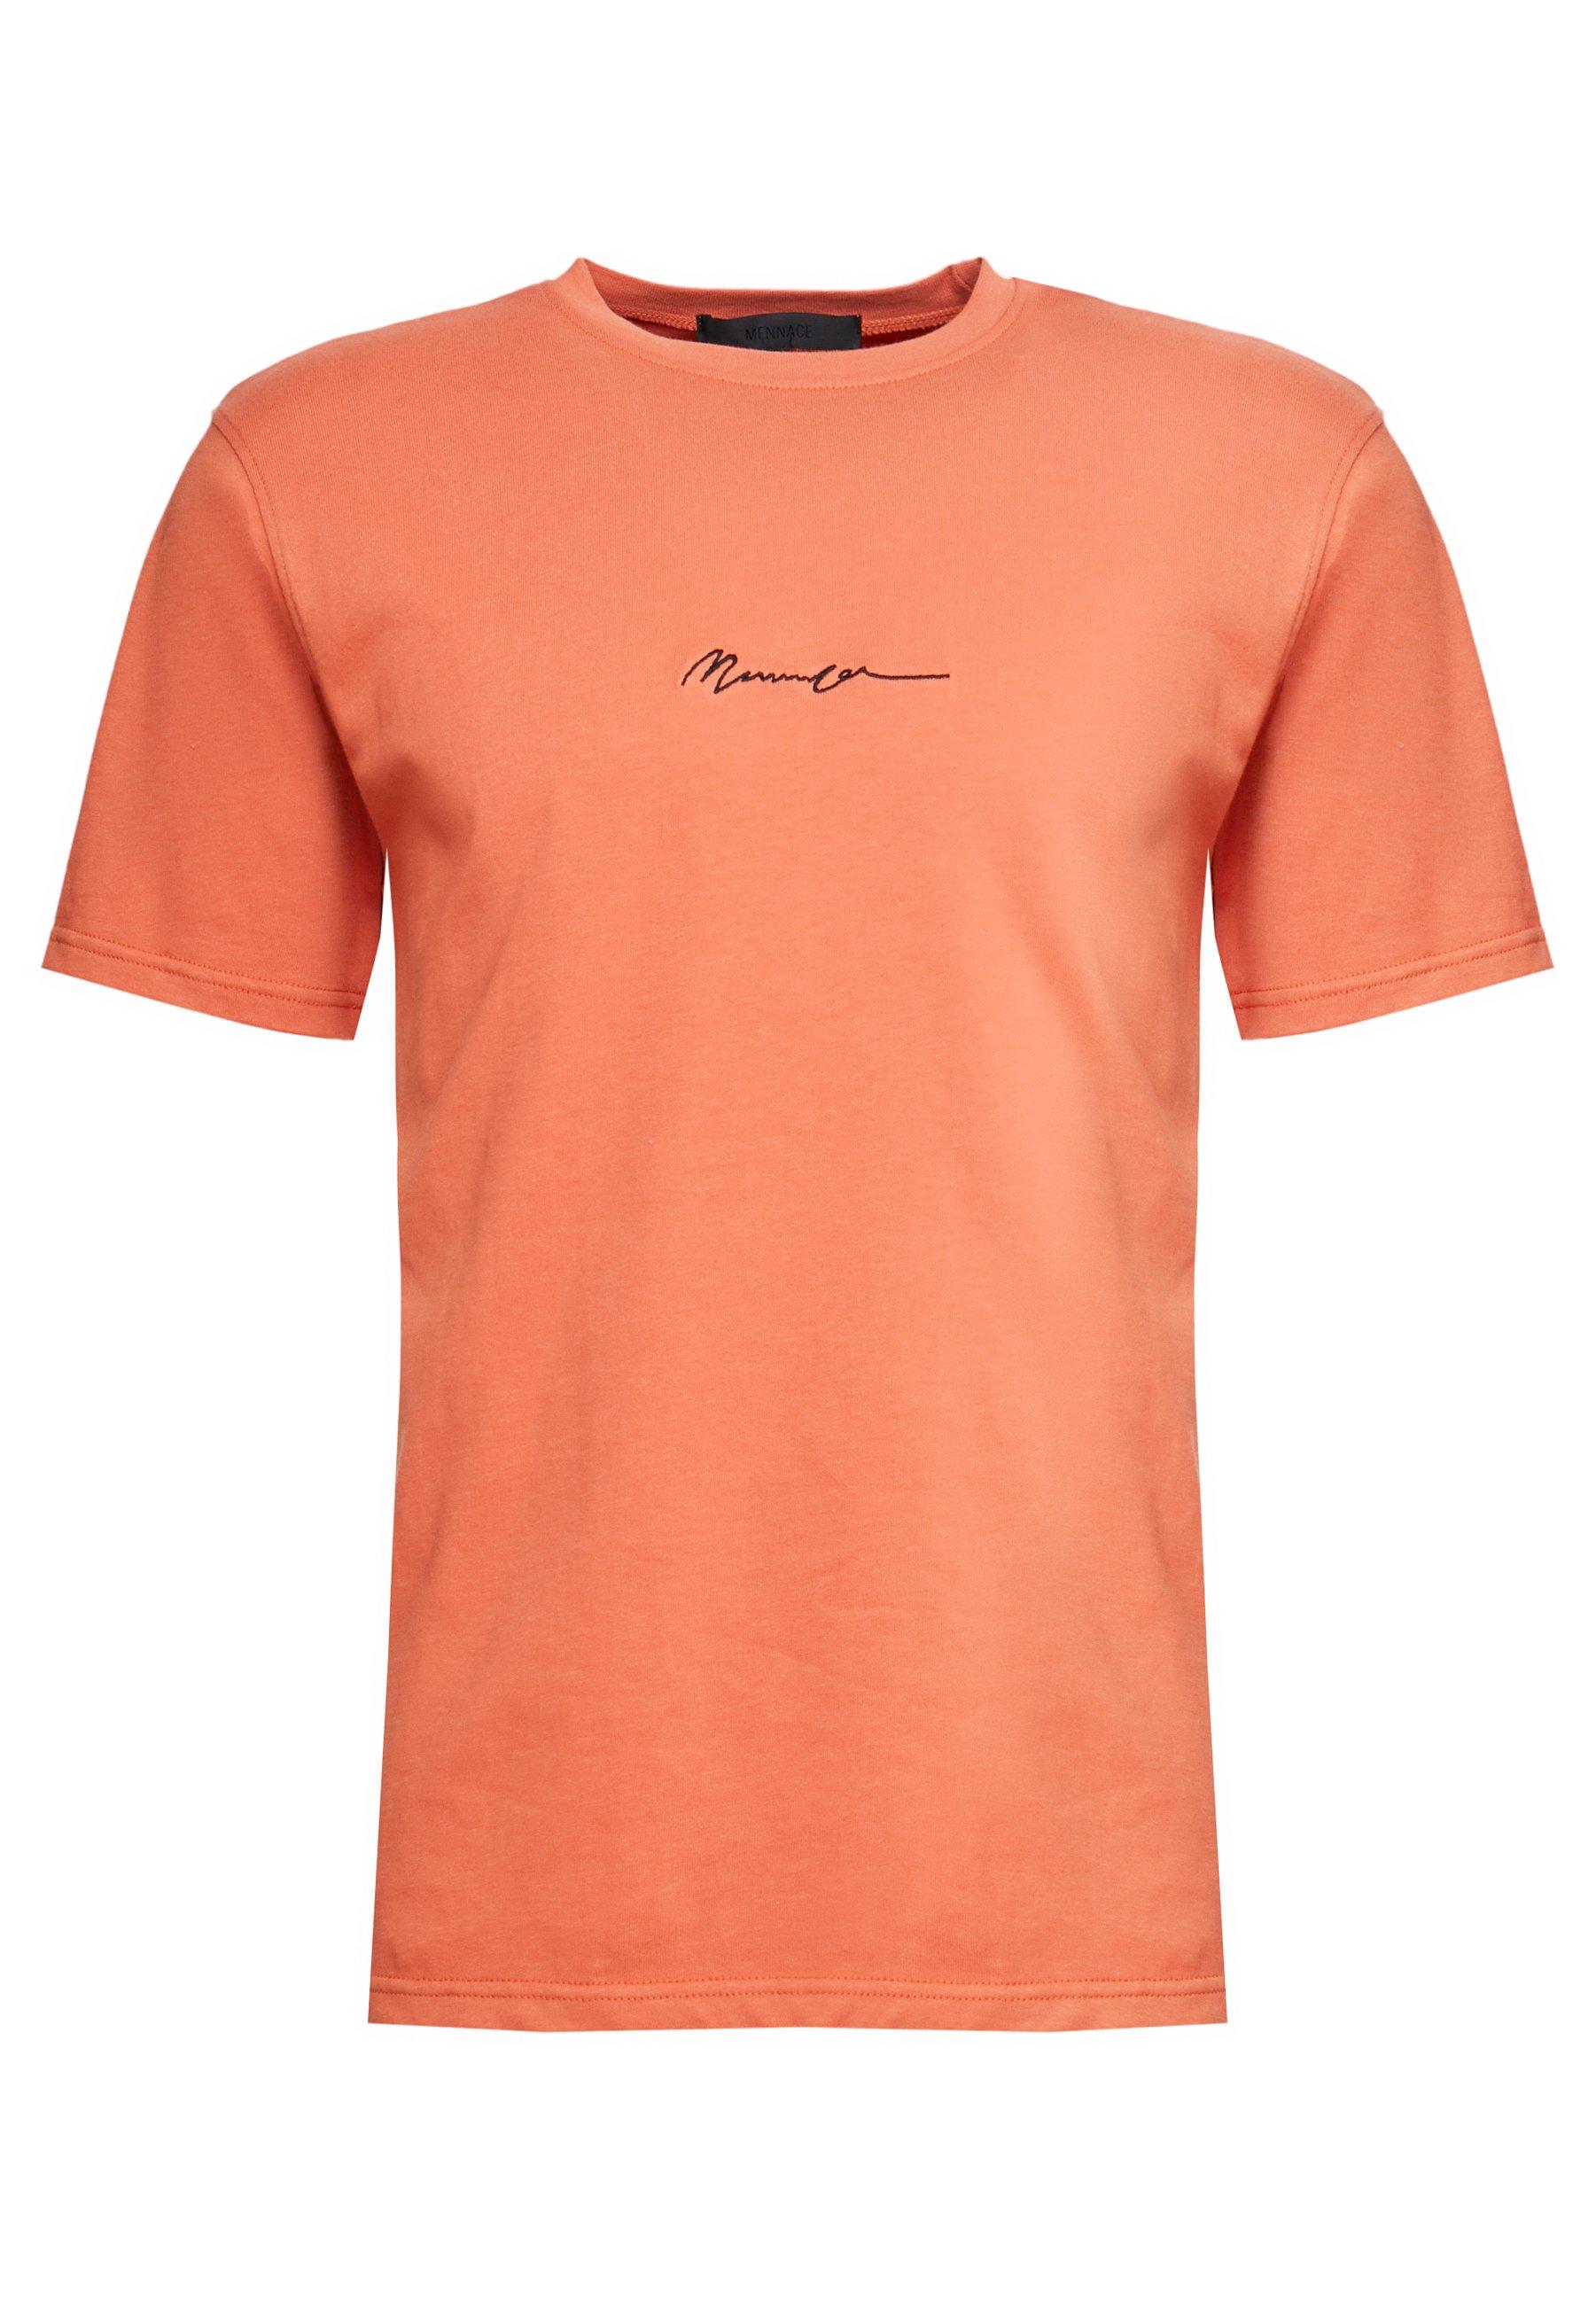 Mennace ESSENTIAL SIGNATURE - T-shirt basic - orange